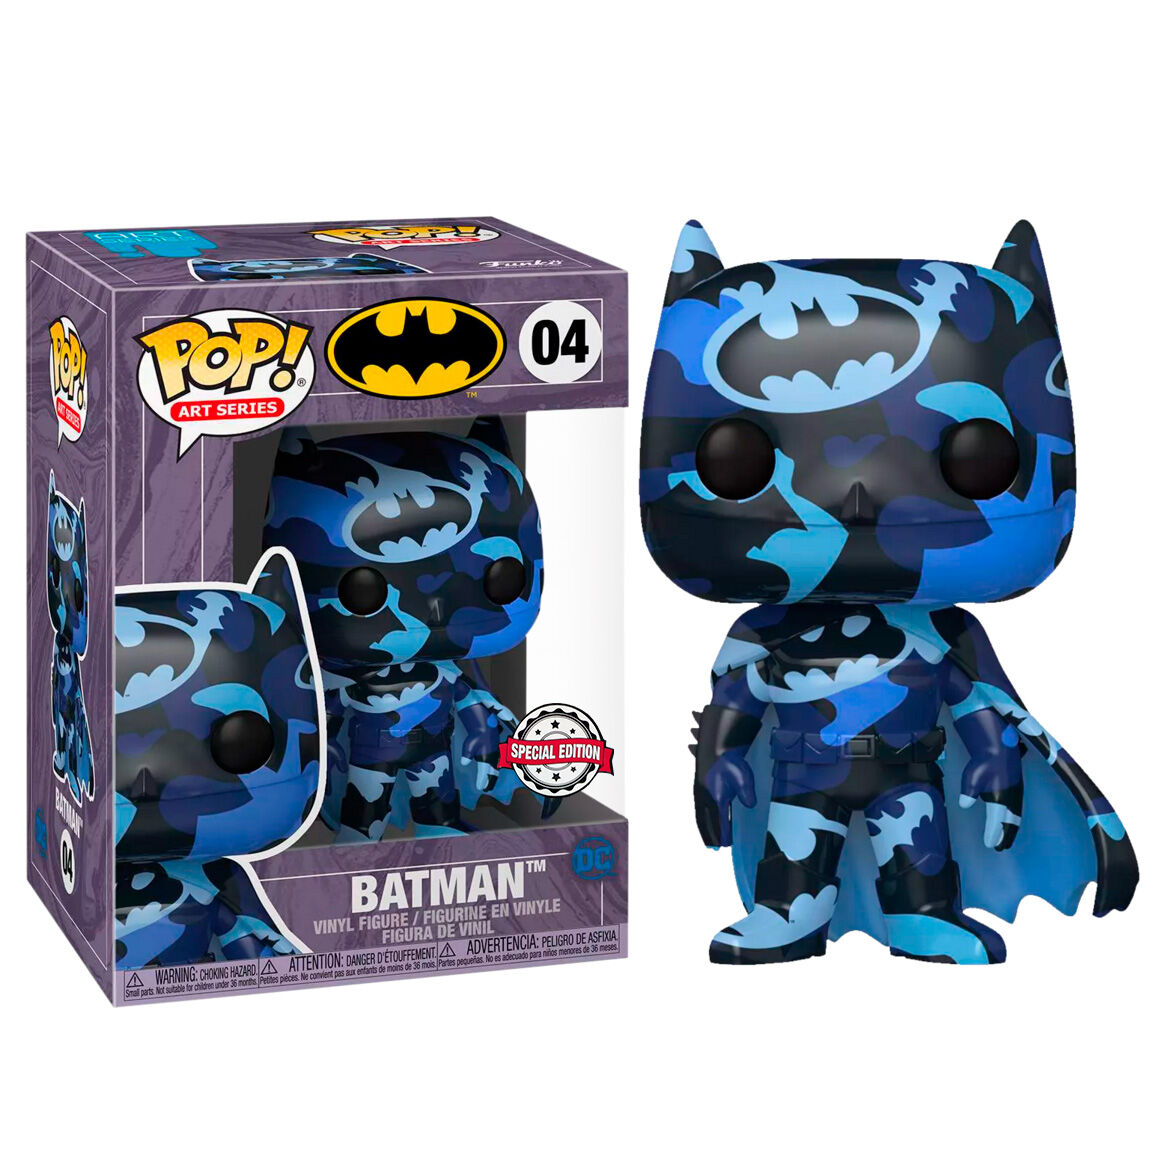 Figura POP DC Comics Batman 4 Artist Srs + Case Exclusive 889698518406